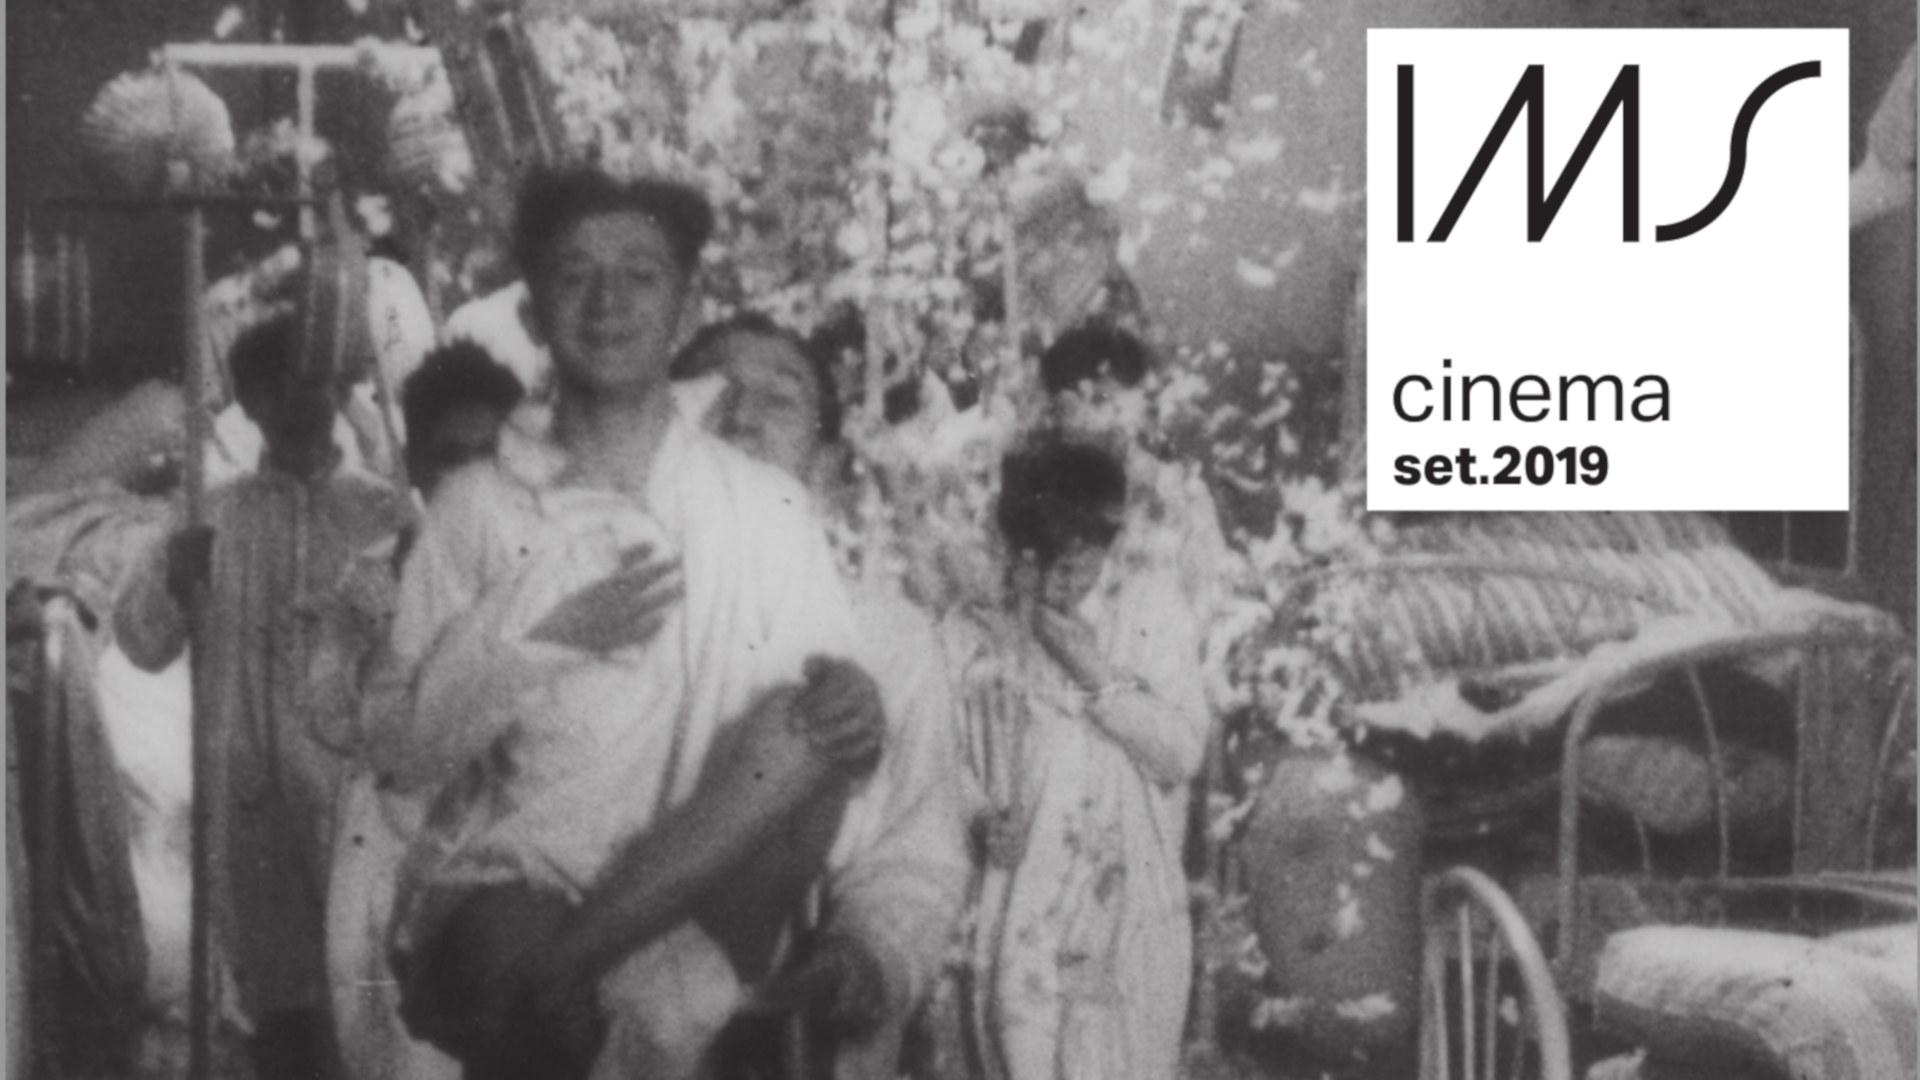 Capa da revista de programação do Cinema do IMS Rio, setembro de 2019